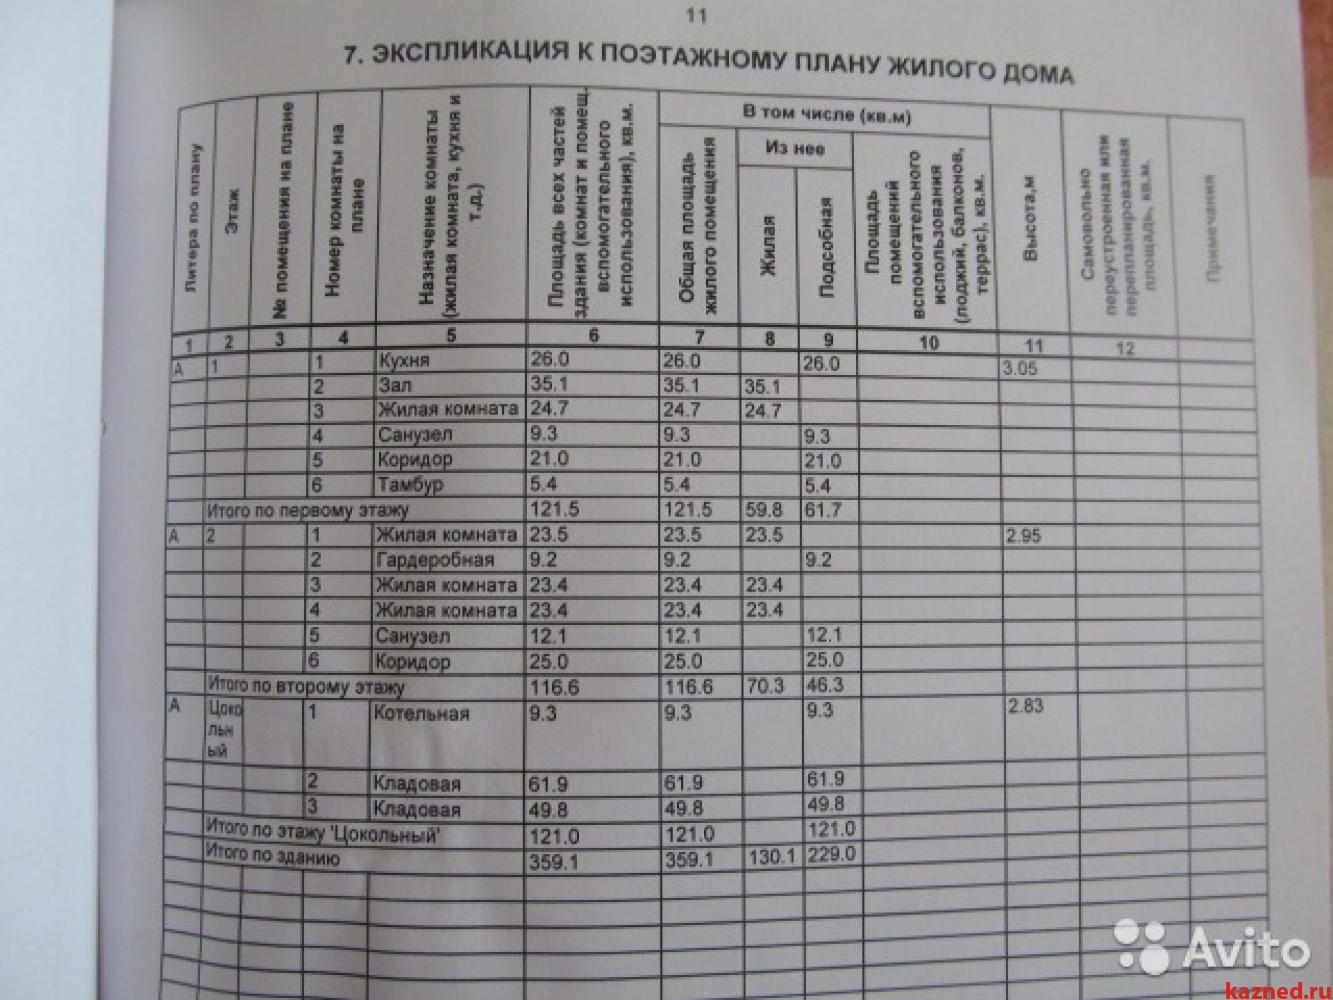 Продажа  Дома п. Привольный, ул. Чечек, 340 м2  (миниатюра №11)